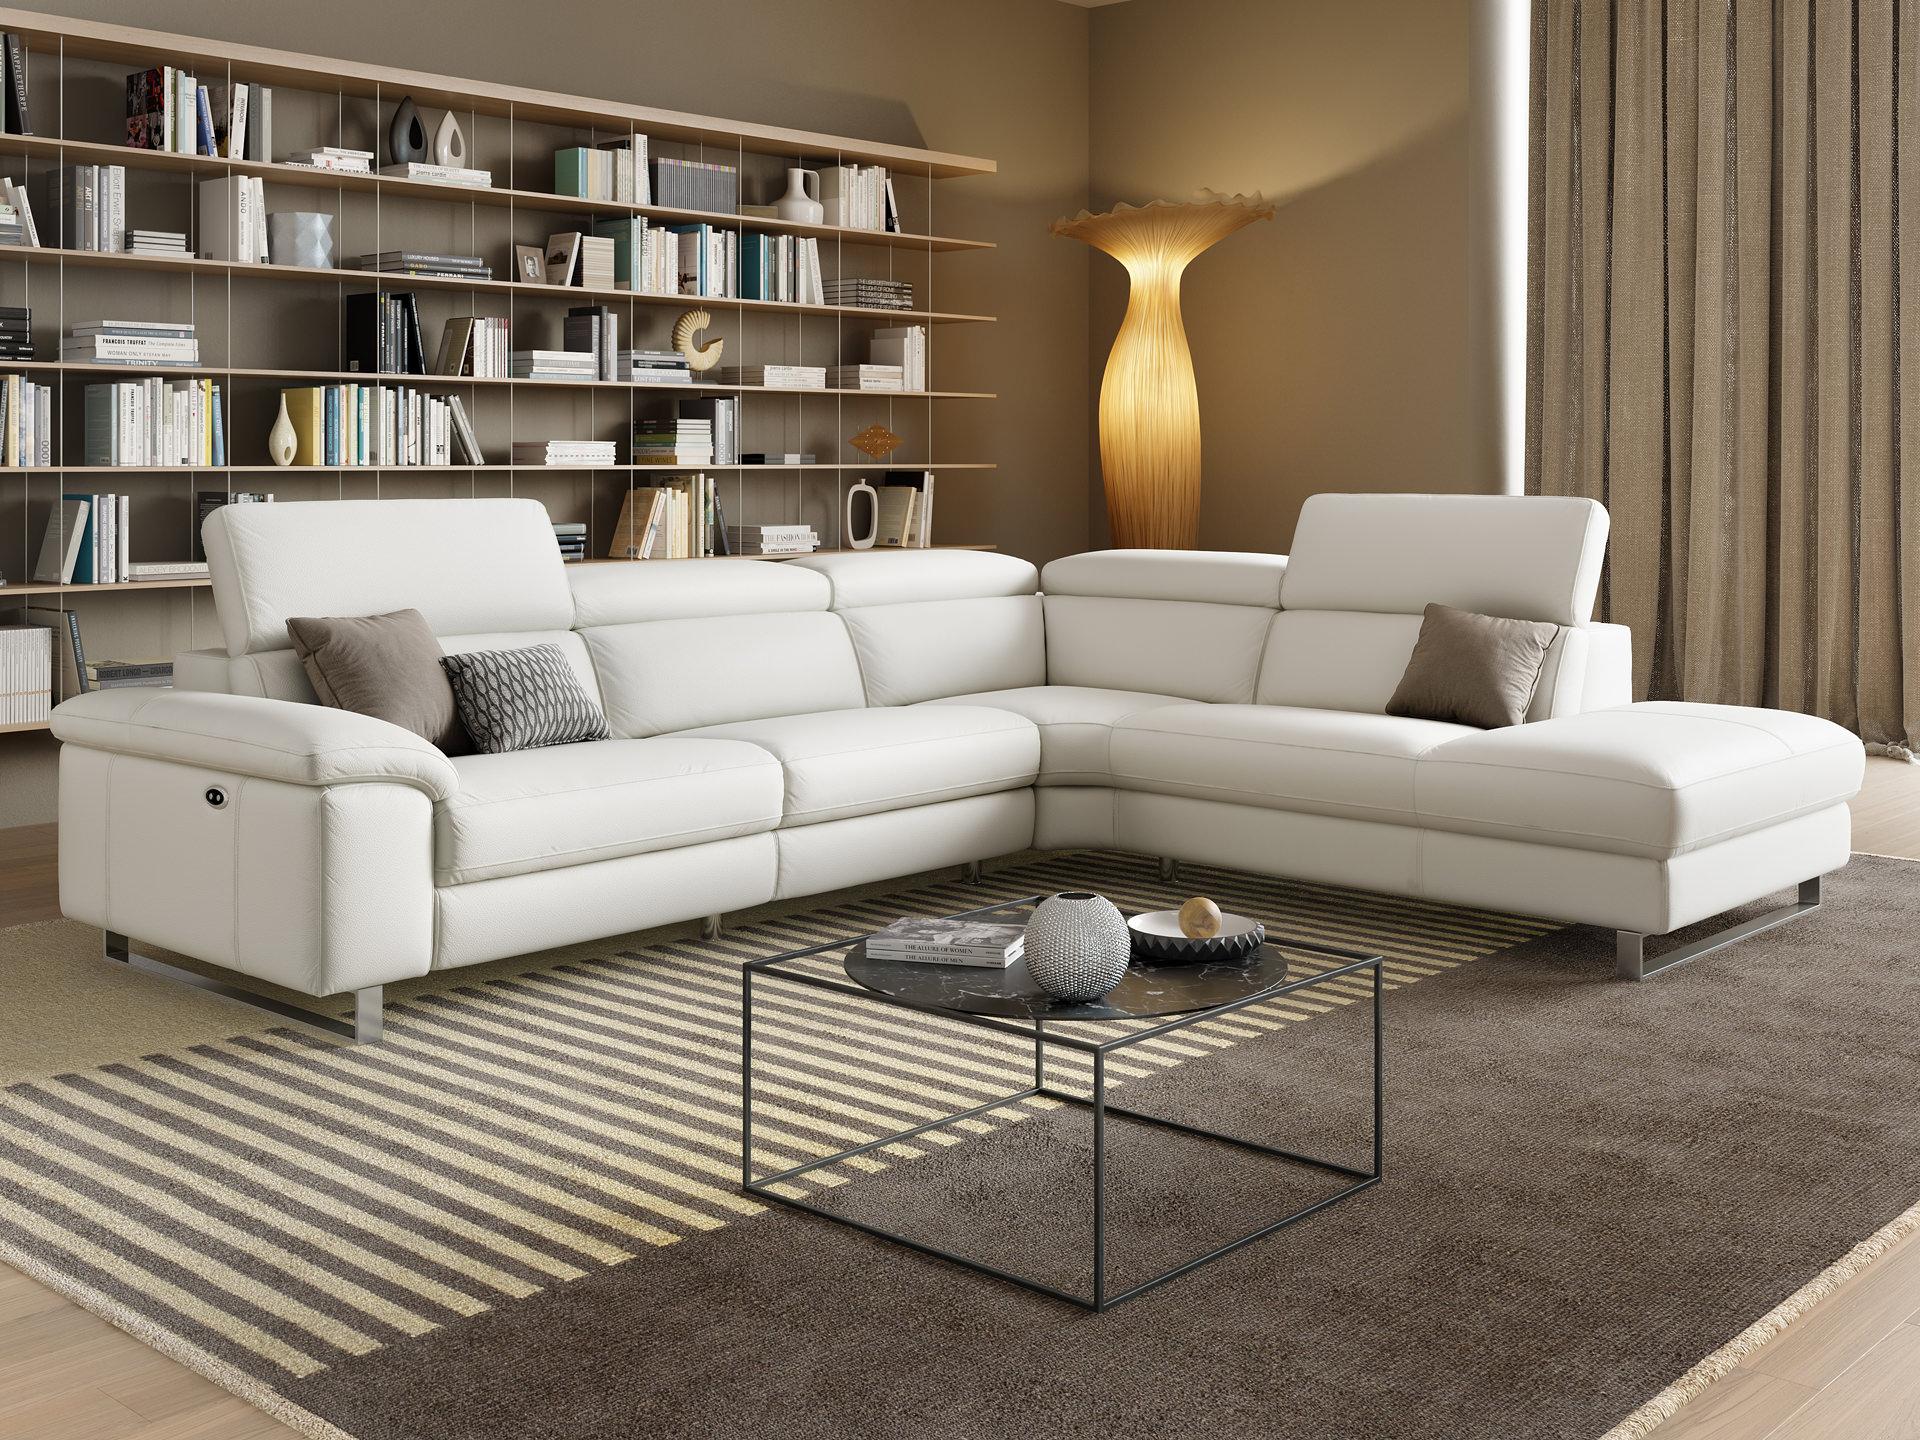 sofa livingroom final architettura e interior design il portale italiano. Black Bedroom Furniture Sets. Home Design Ideas